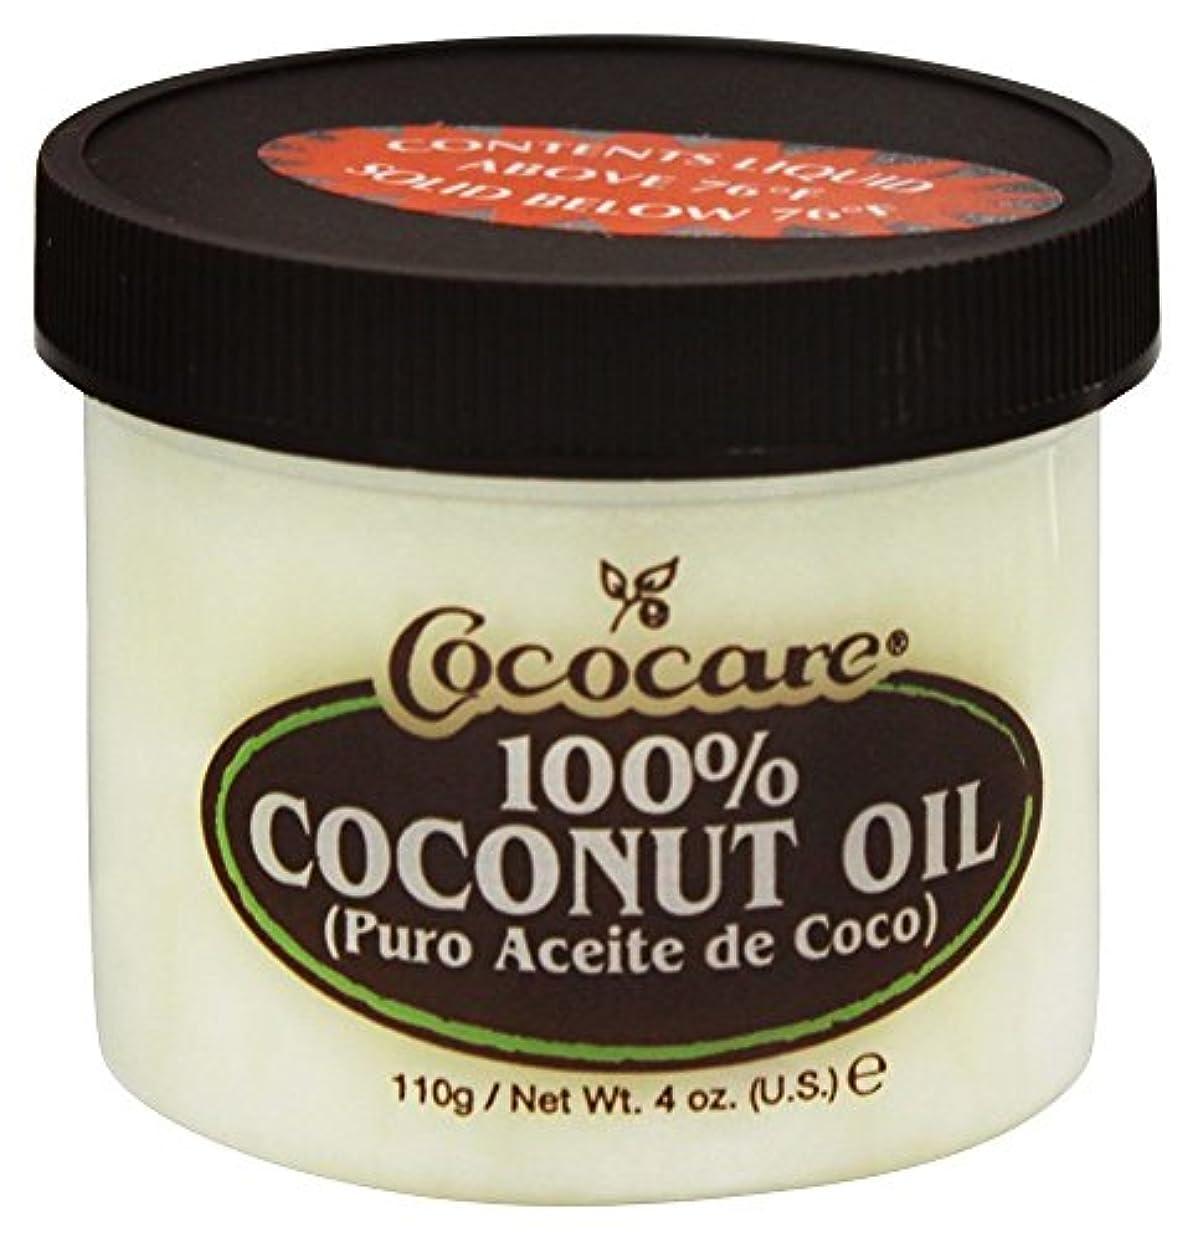 売り手ルート許容Cococare - 100% ココナッツ オイル - 4ポンド [並行輸入品]